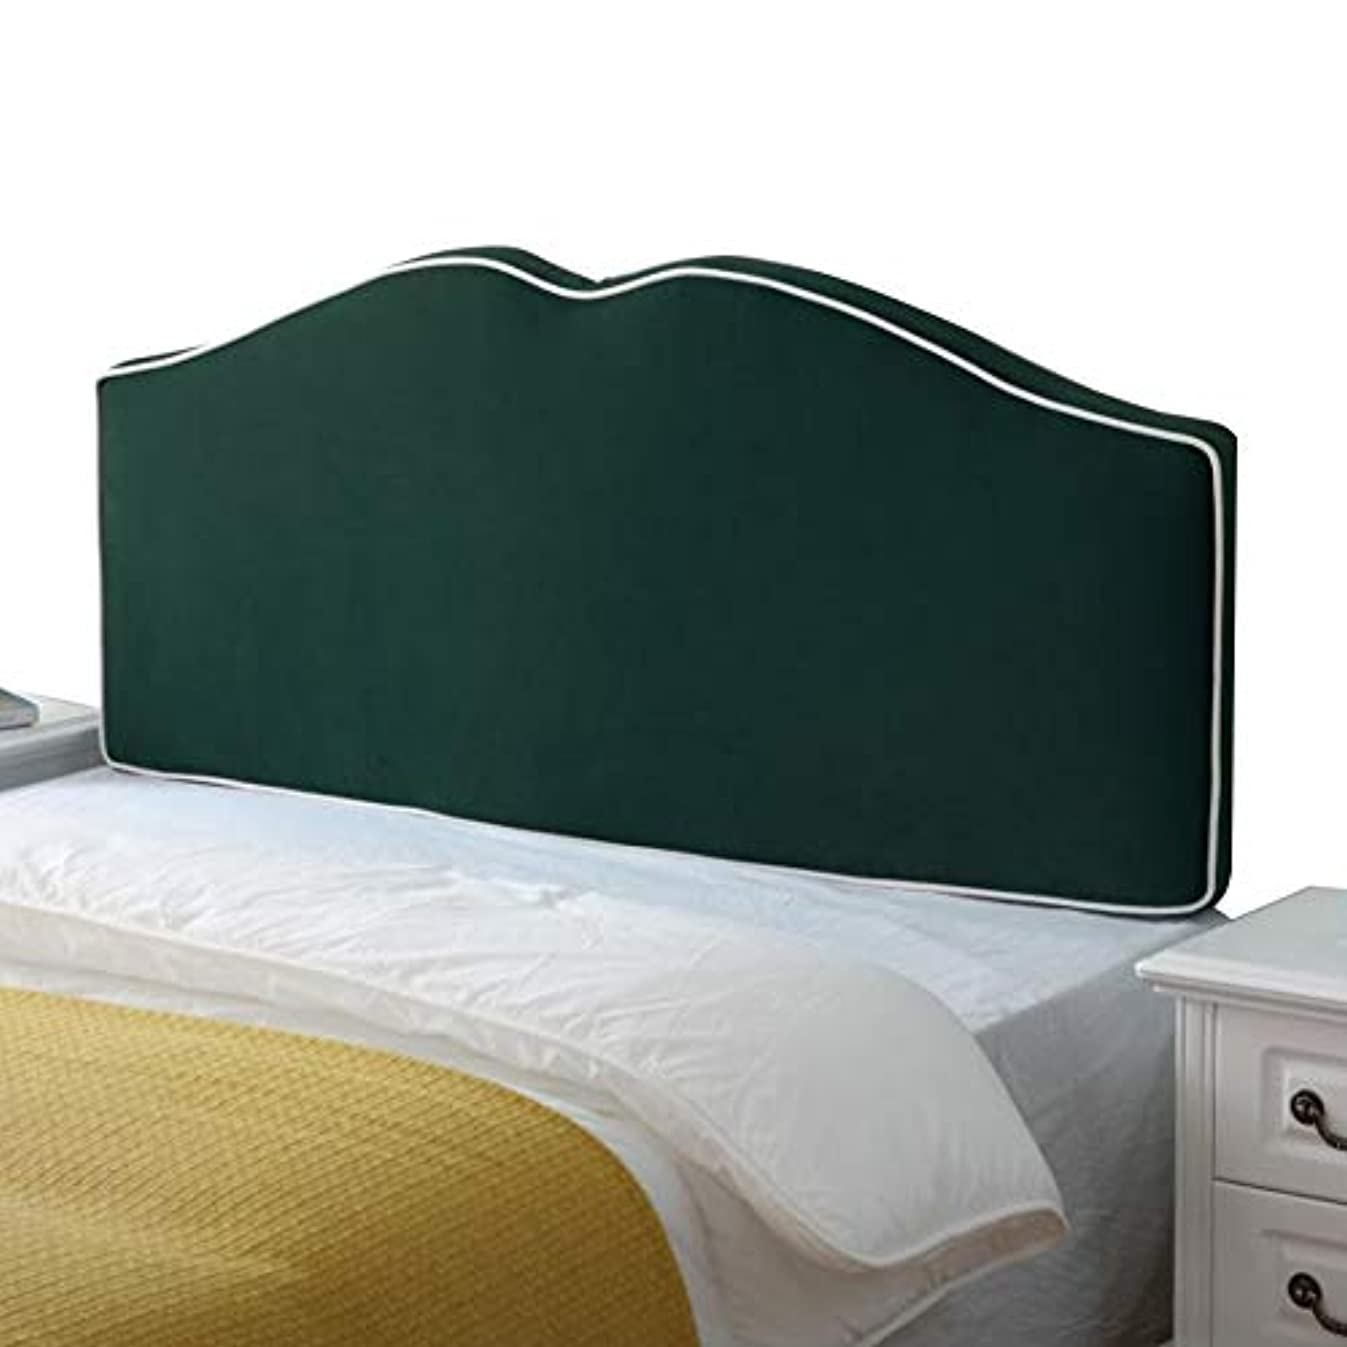 原点ギャングスタージョージエリオットLIANGLIANG クションベッドの背もたれ ベッドルームダブルベッドライニング背もたれソフトケース洗える、7色、5サイズ (色 : ブロンズ, サイズ さいず : 135x65x8cm)